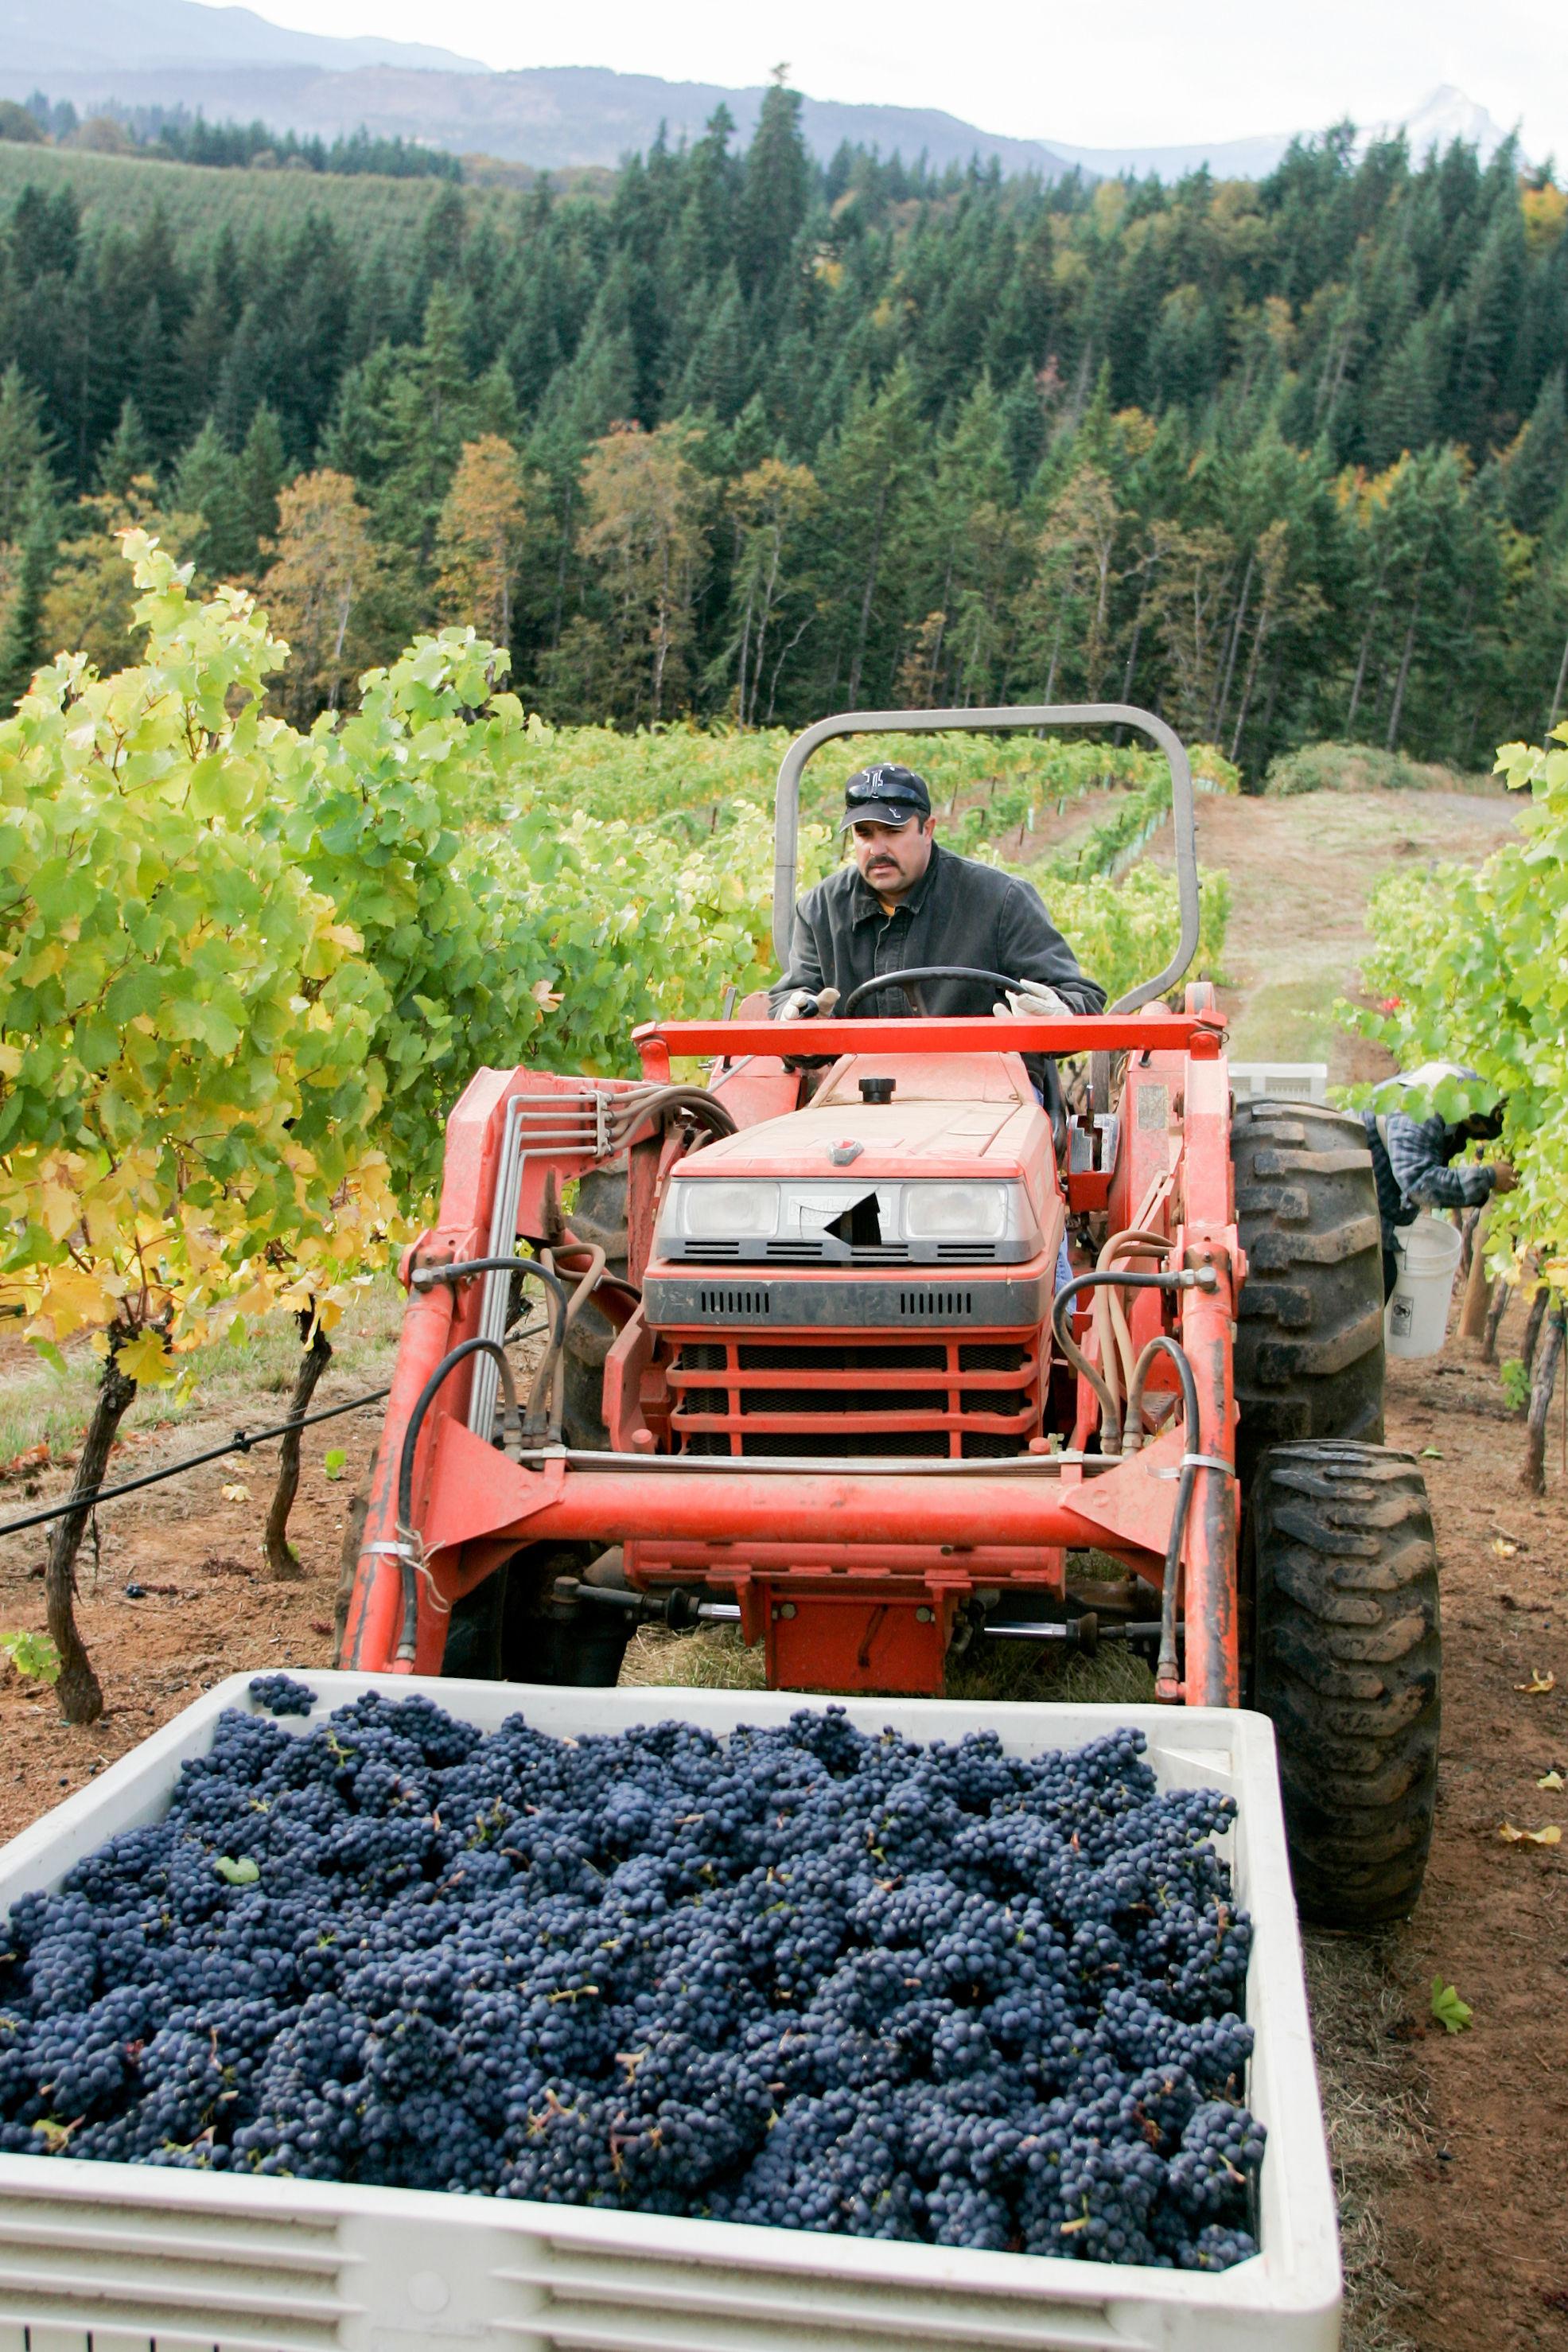 Image: Cellar & Vineyard Manager, Irineo Magana